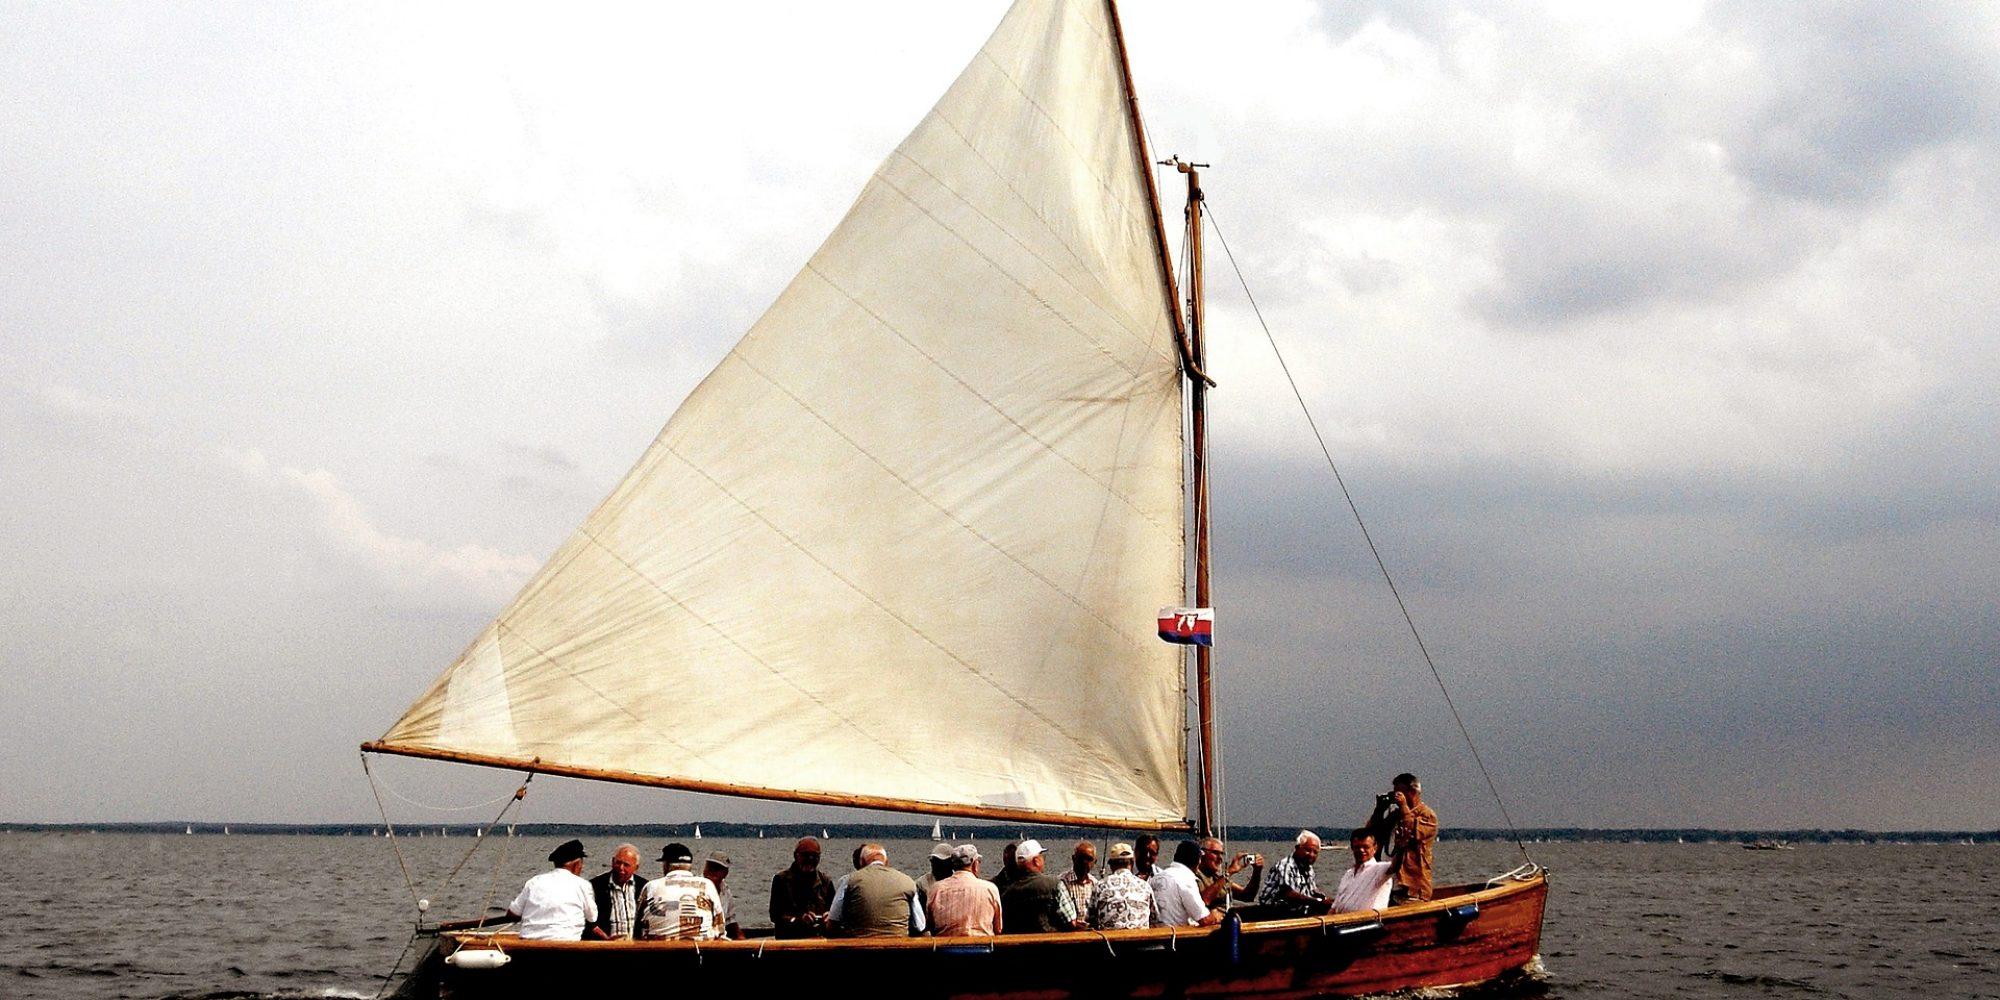 sailing-boat-1617167_1920